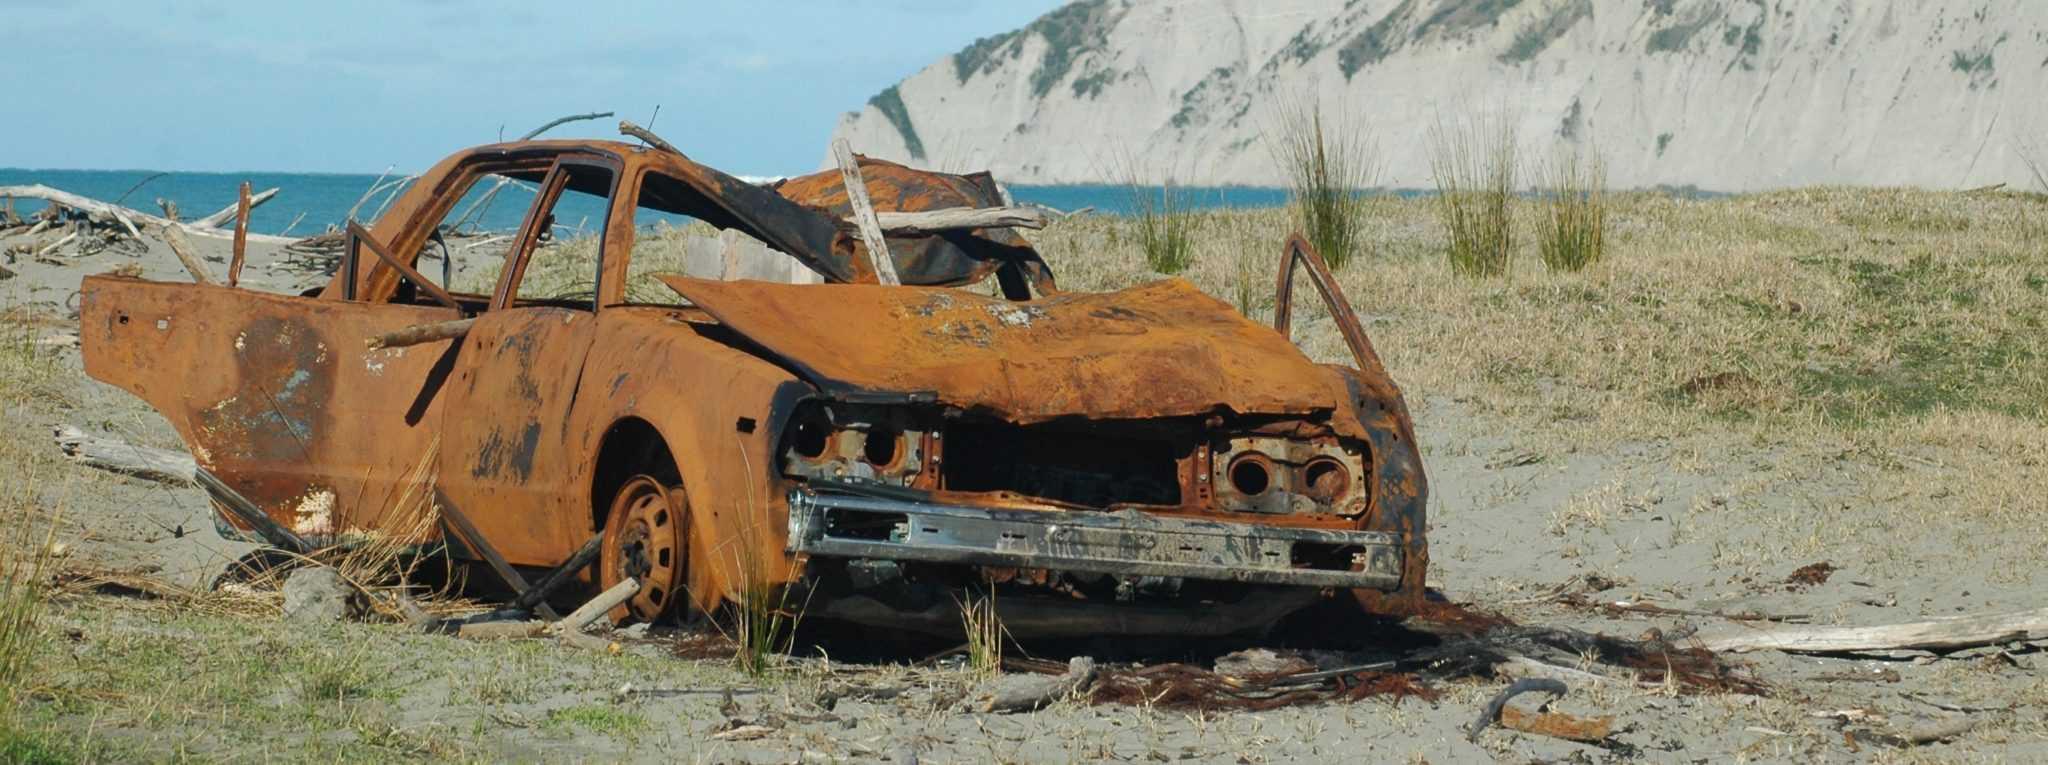 ржавый автомобиль на пляже